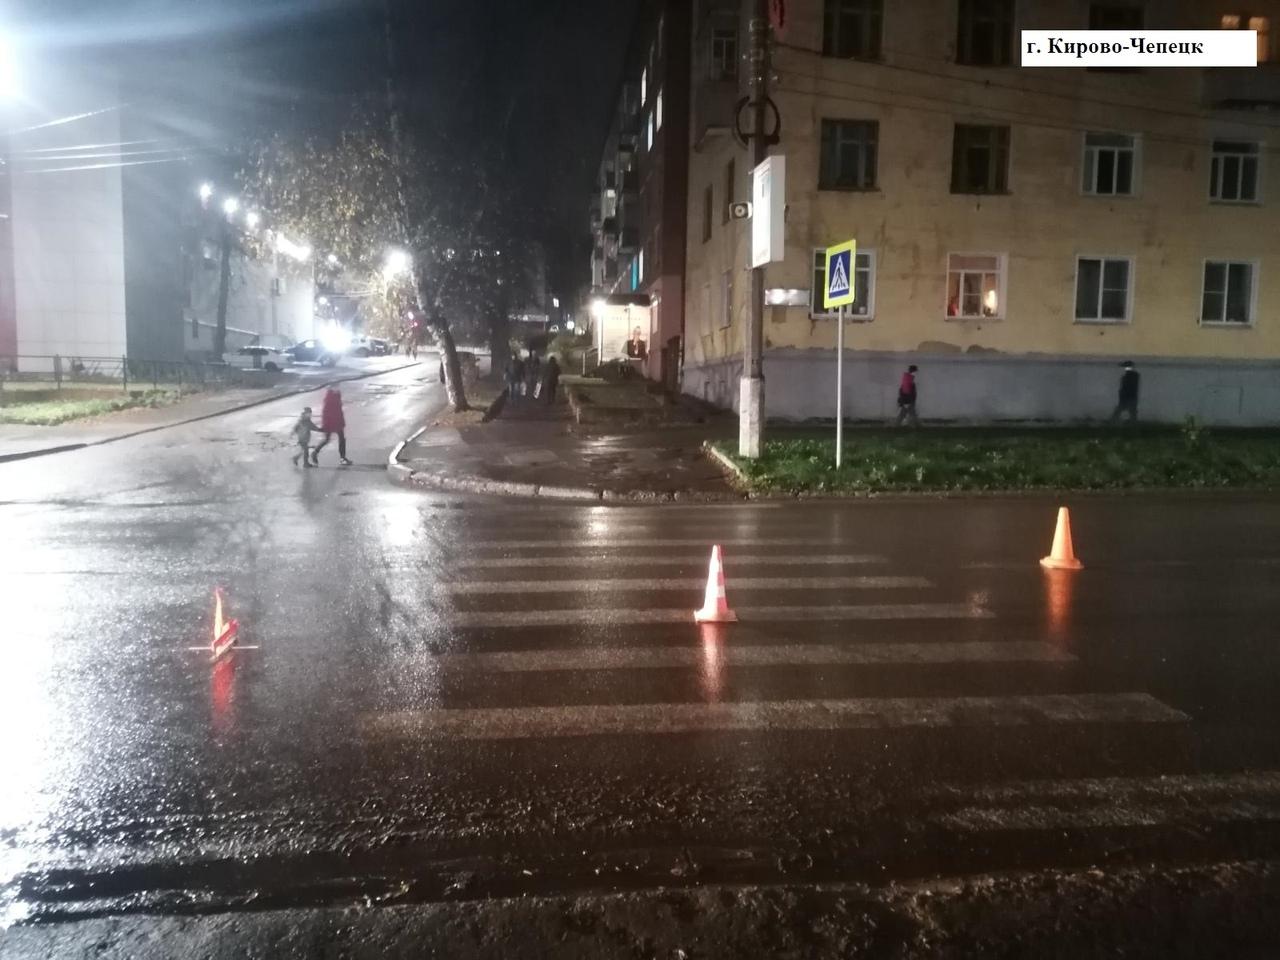 В Кирово-Чепецке водитель ВАЗа сбил женщину с 5-летним ребенком